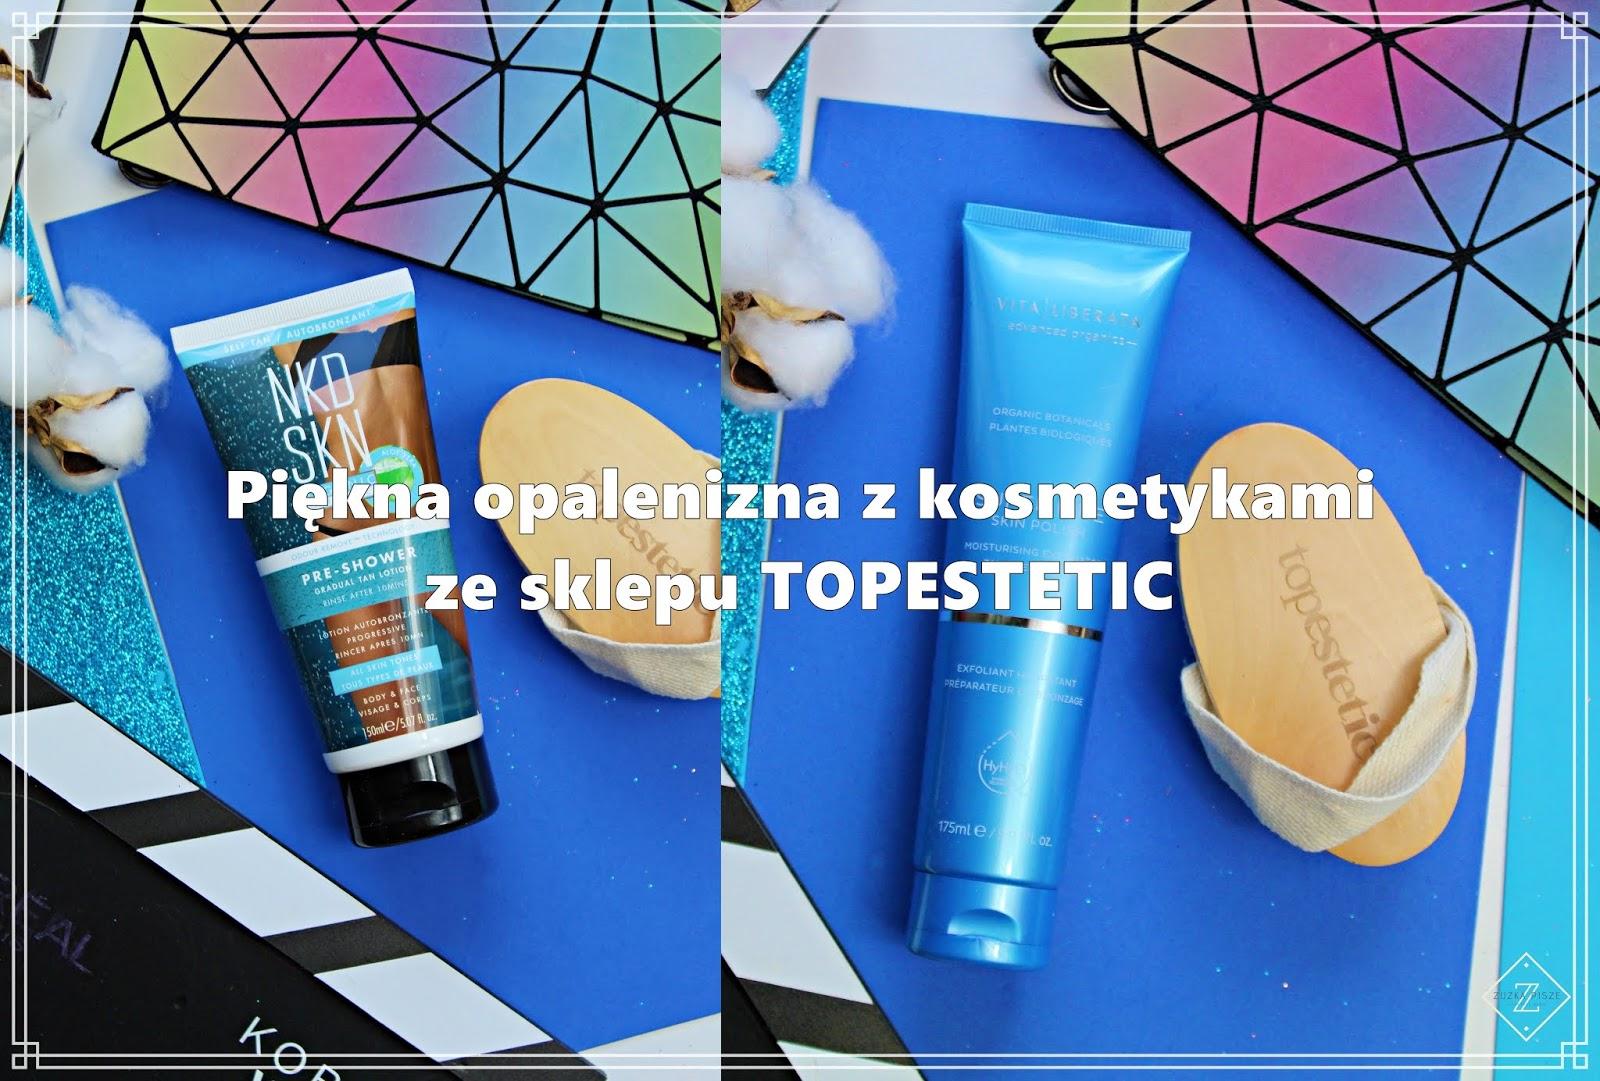 Piękna opalenizna dzięki kosmetykom ze sklepu TOPESTETIC.PL   Zuzka Pisze